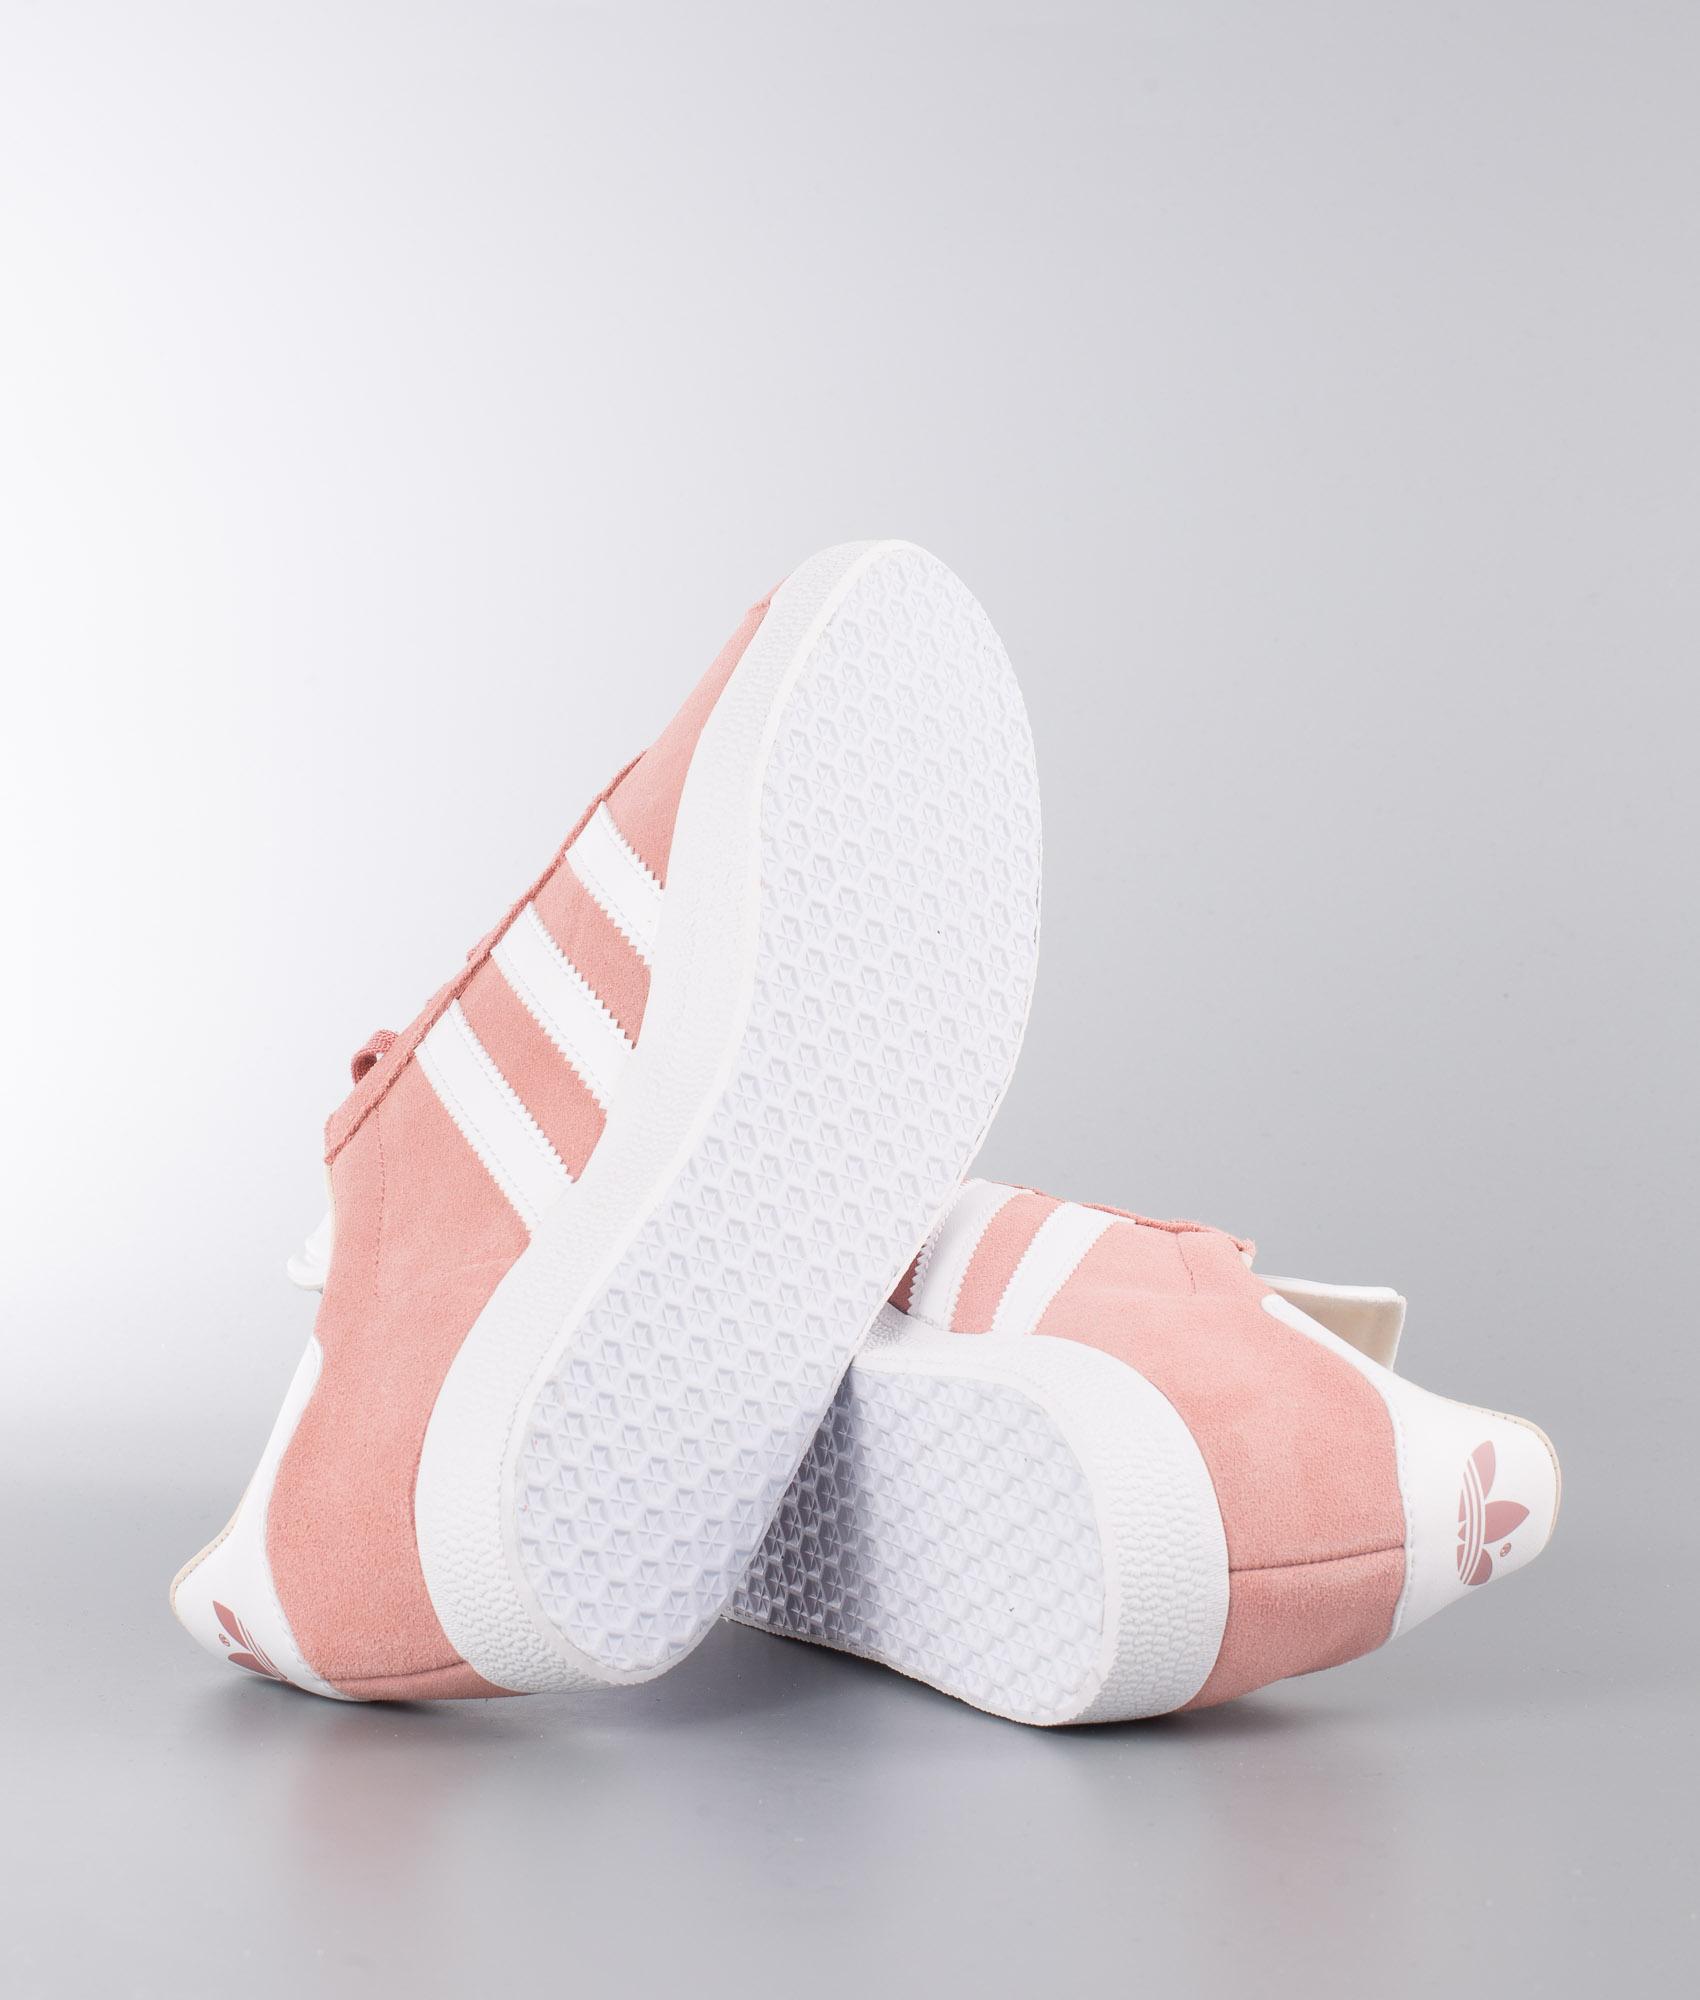 Adidas Originals Gazelle Schuhe Ash PinkFtwr WhiteLinen